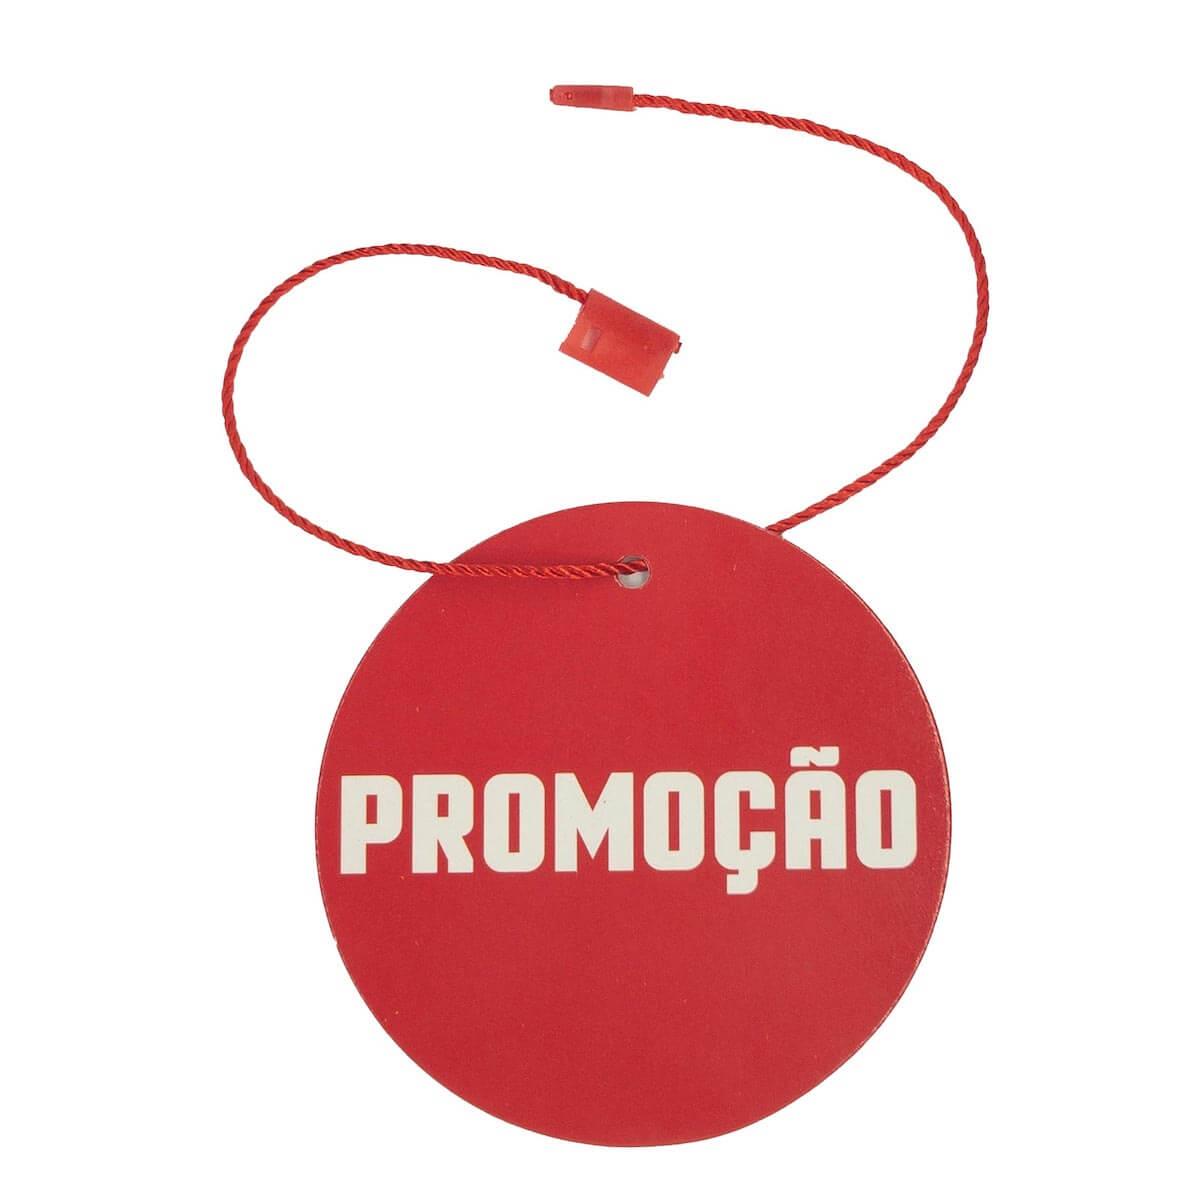 bdc3401c66 Tag para Roupas Promoção Vermelho com Branco Redonda 5.000 Peças - Universo  Têxtil ...